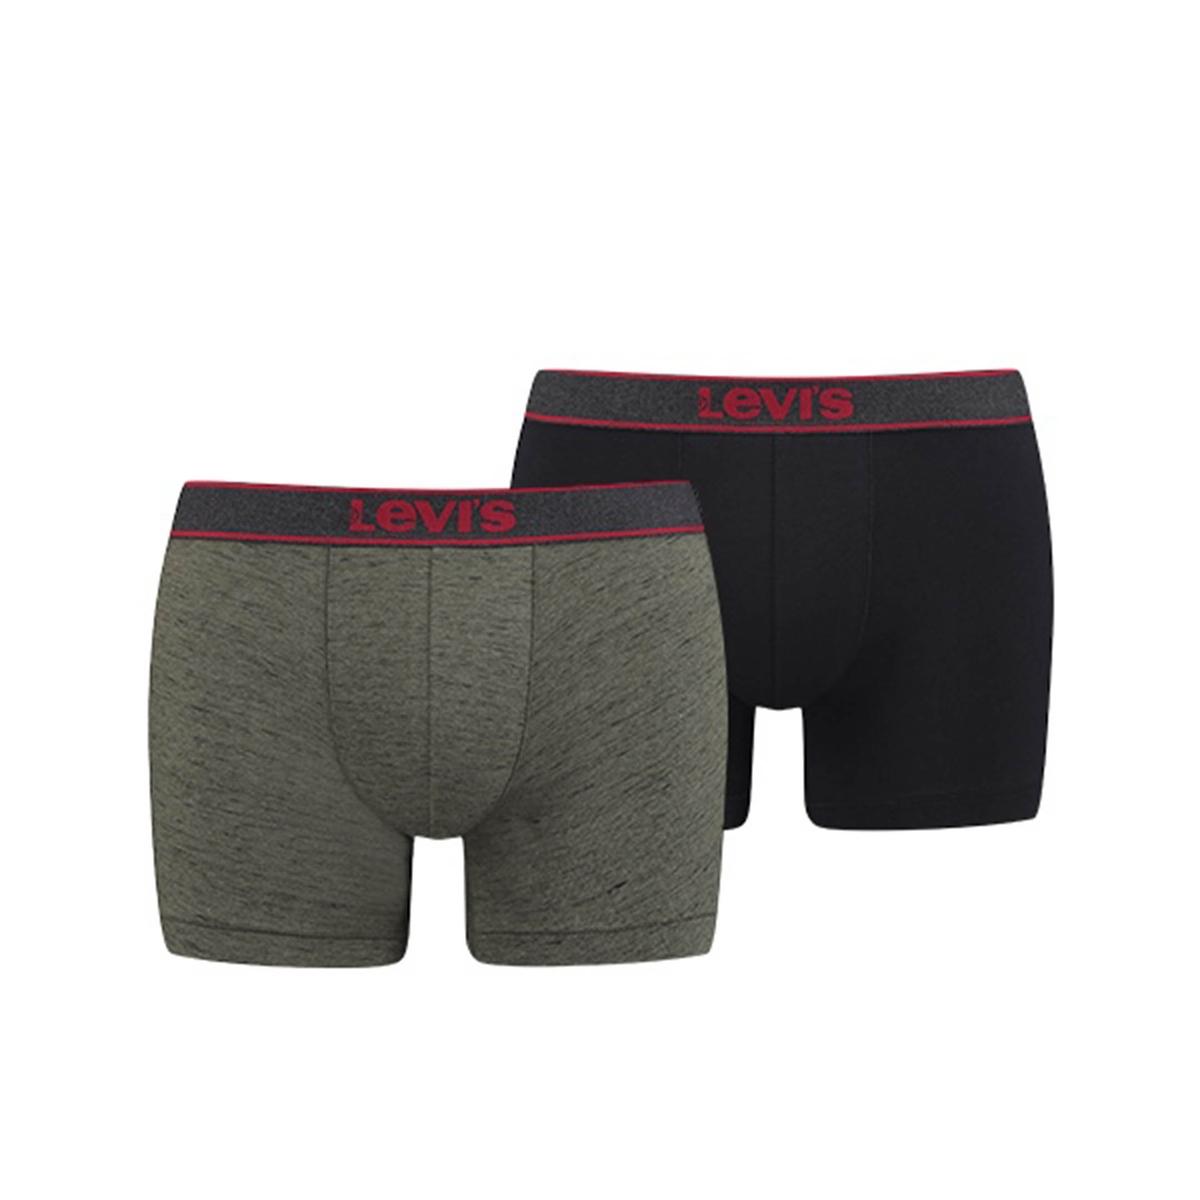 Lote de 2 boxers de algodón stretch